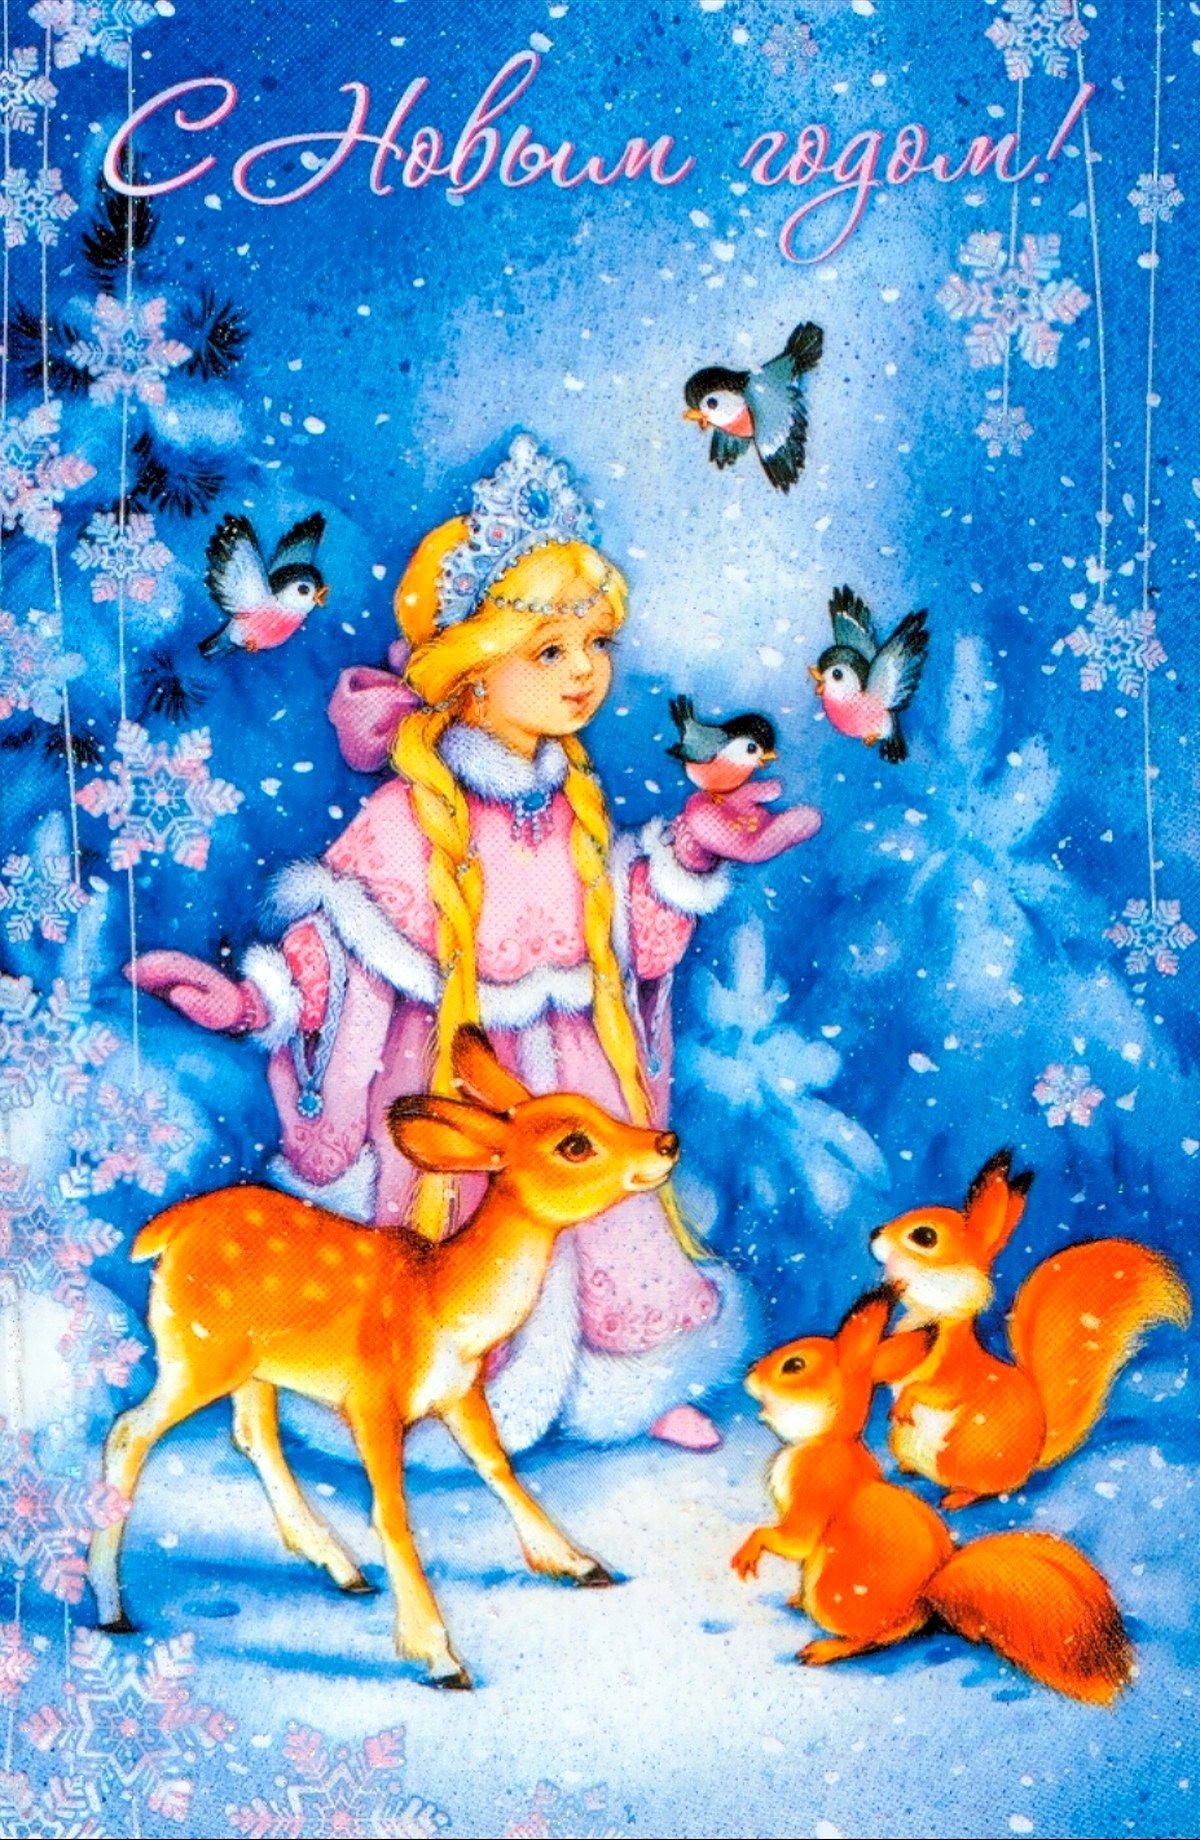 Снегурочка в компании с елочкой и животными